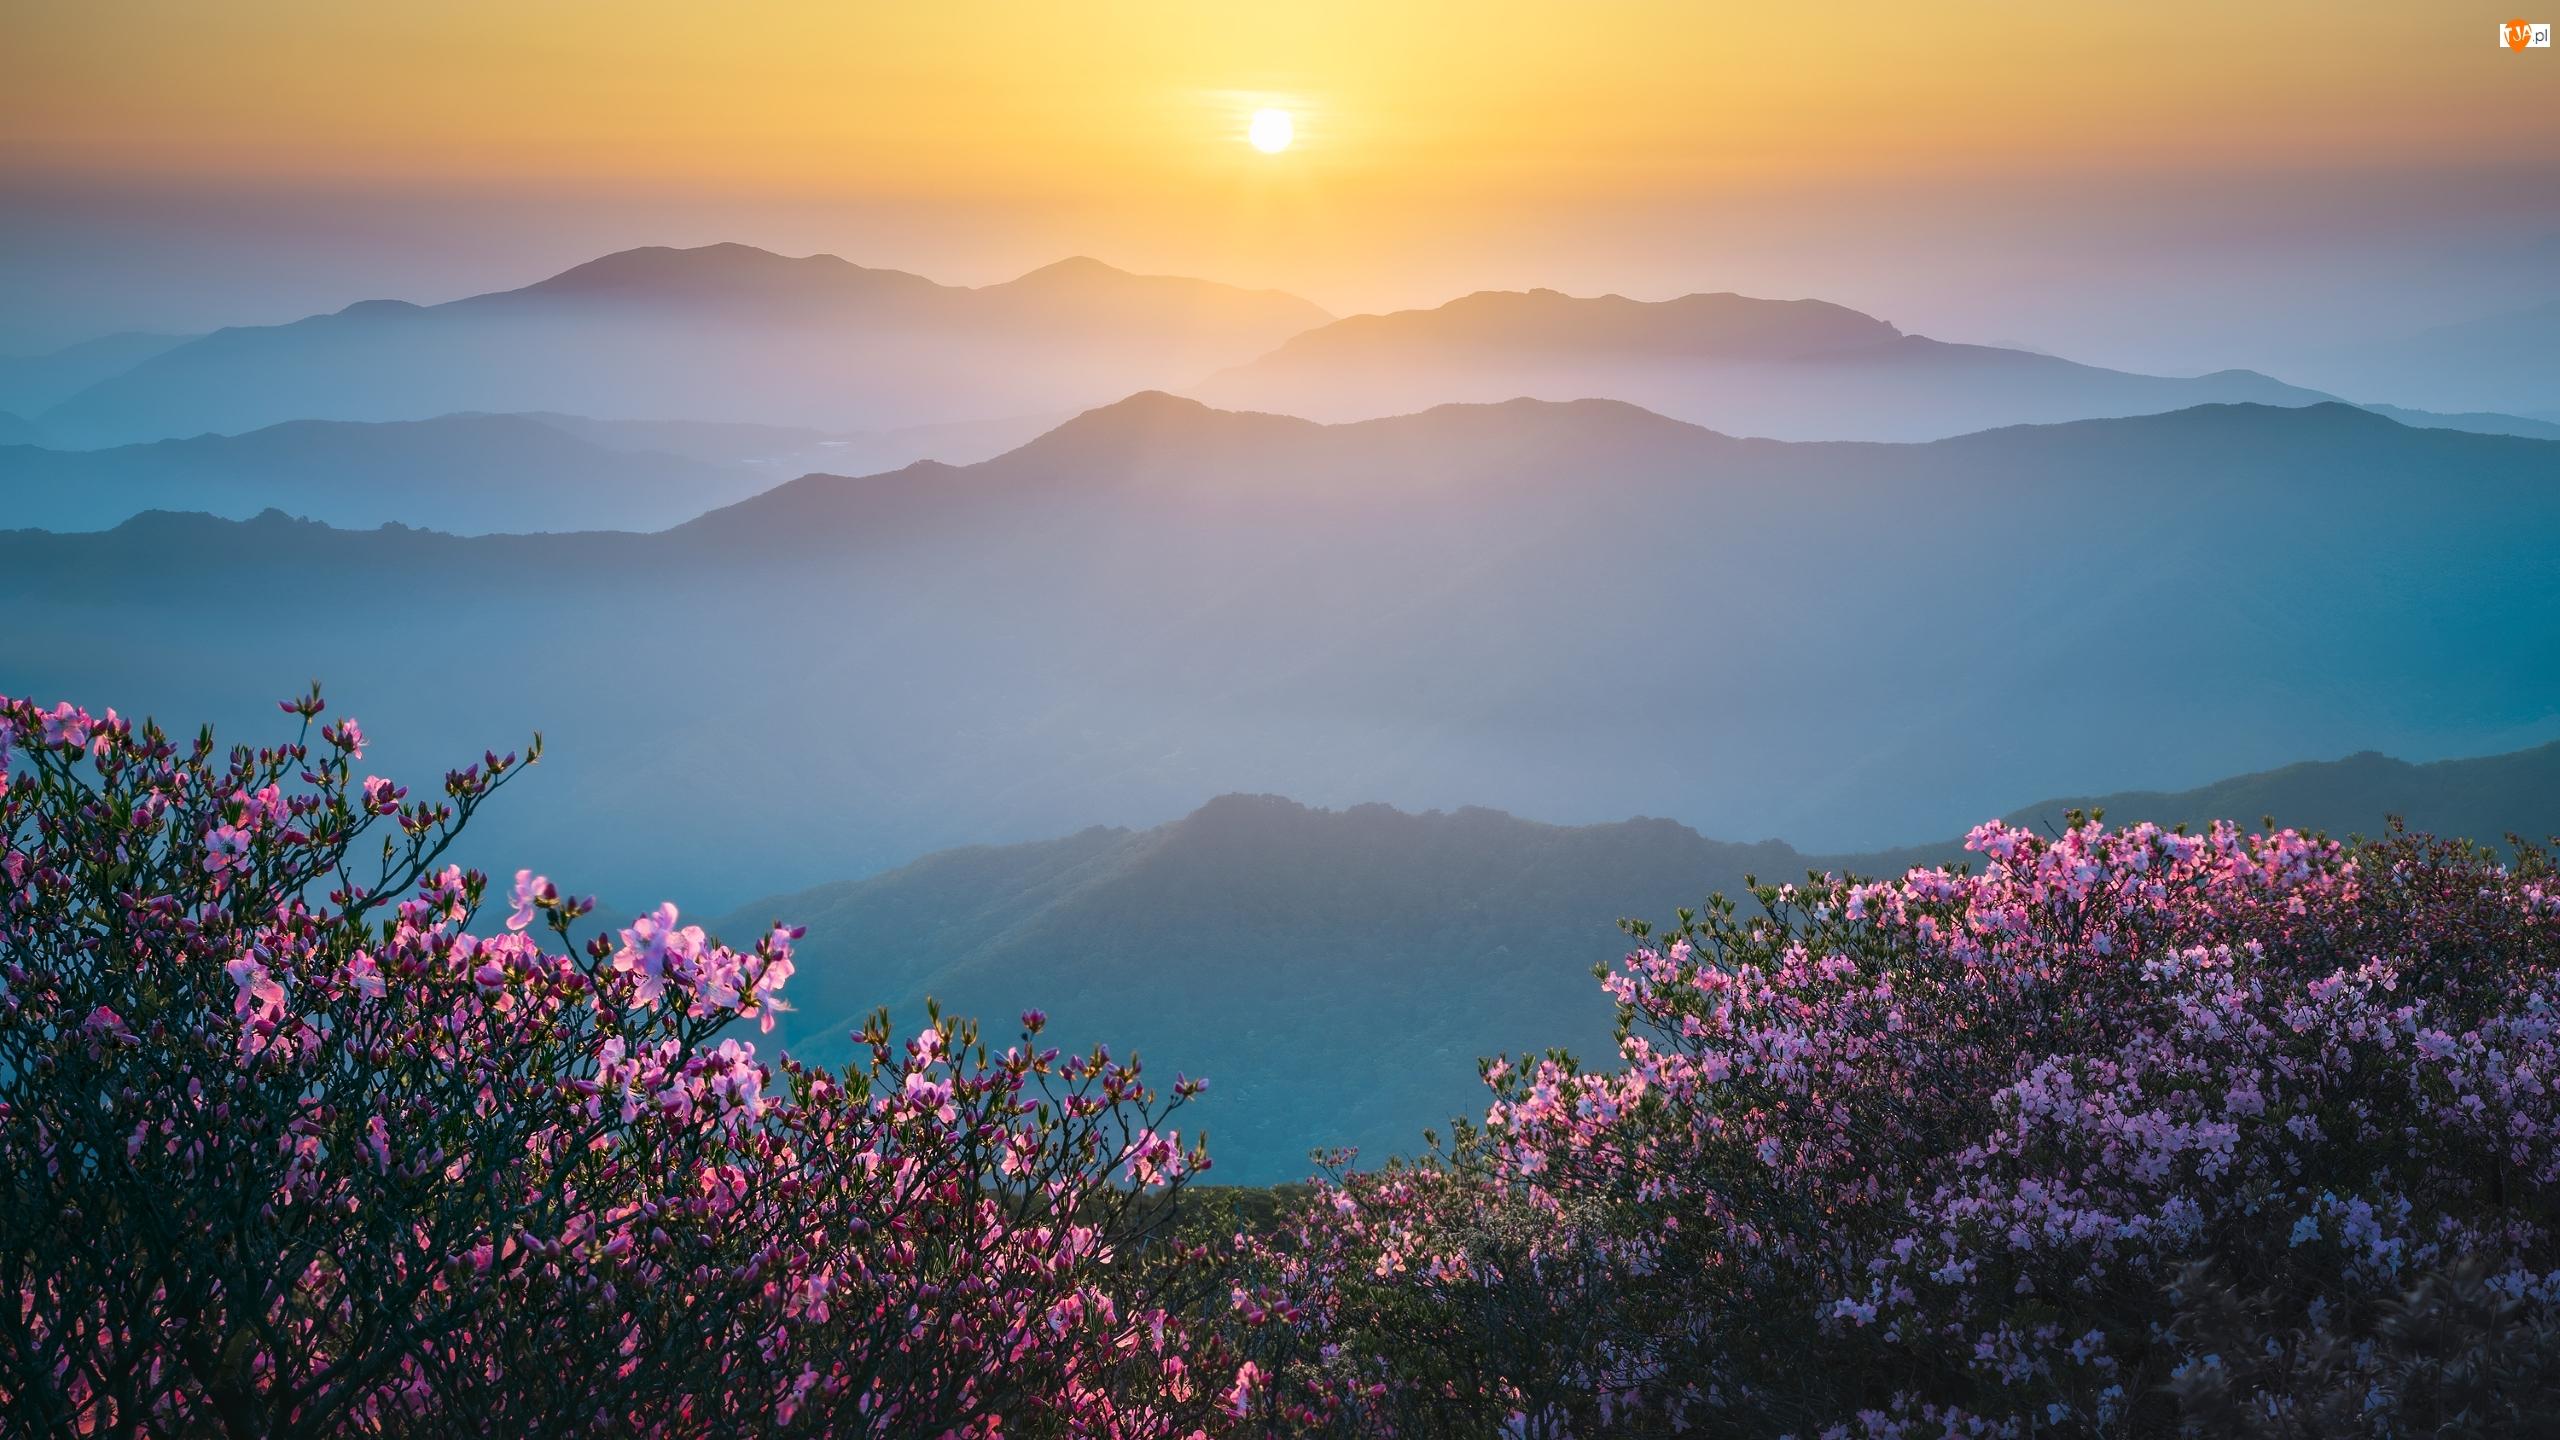 Wschód słońca, Mgła, Różaneczniki, Góry, Krzewy, Kwiaty, Różowe